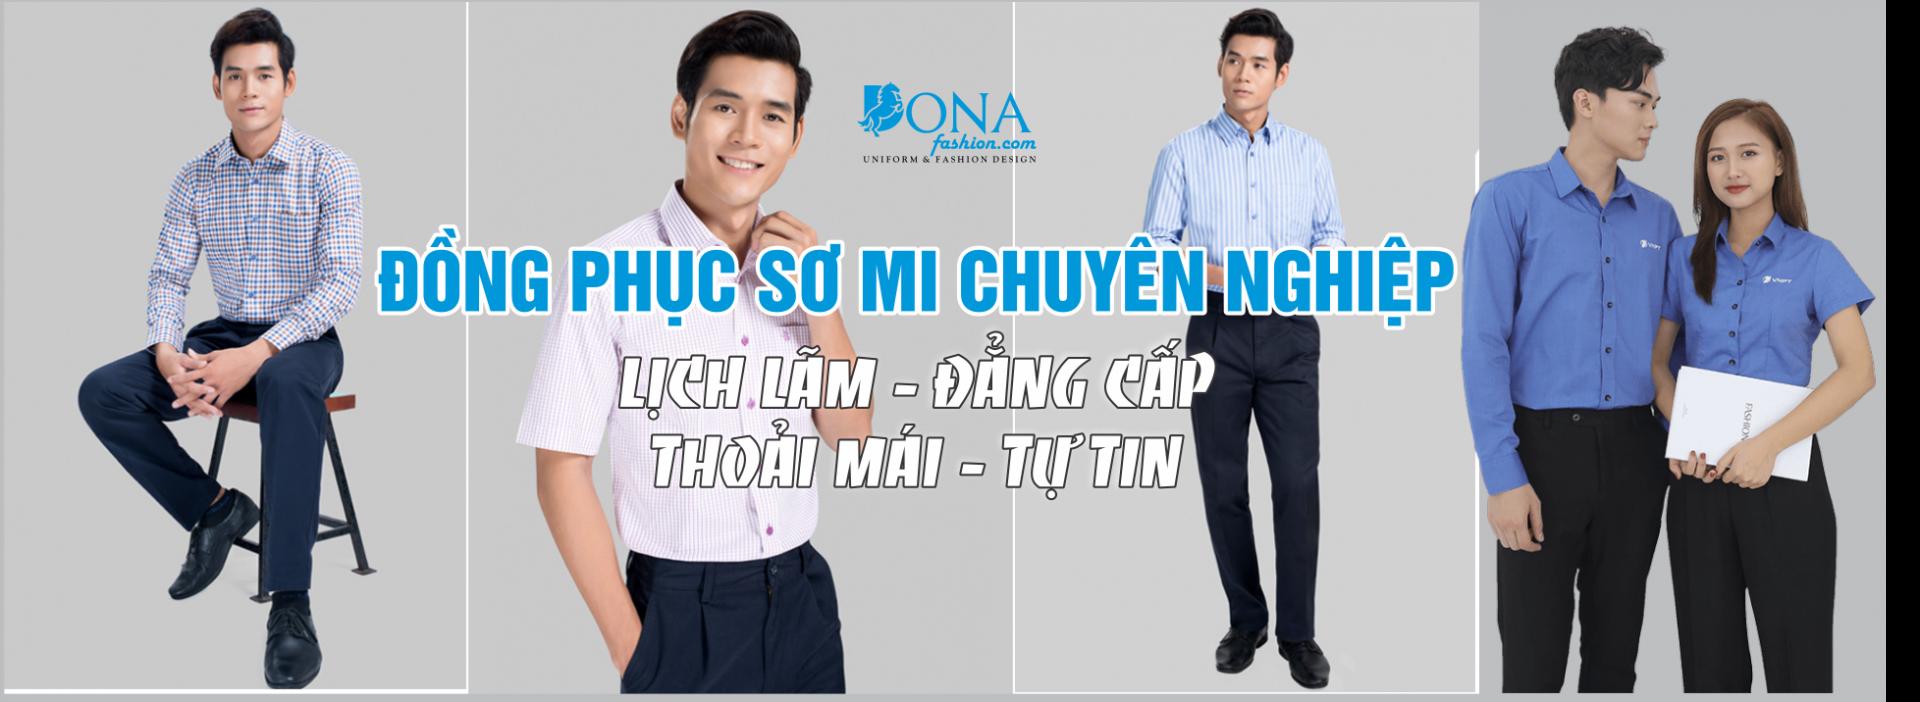 may dong phuc so mi van phong tai dong nai